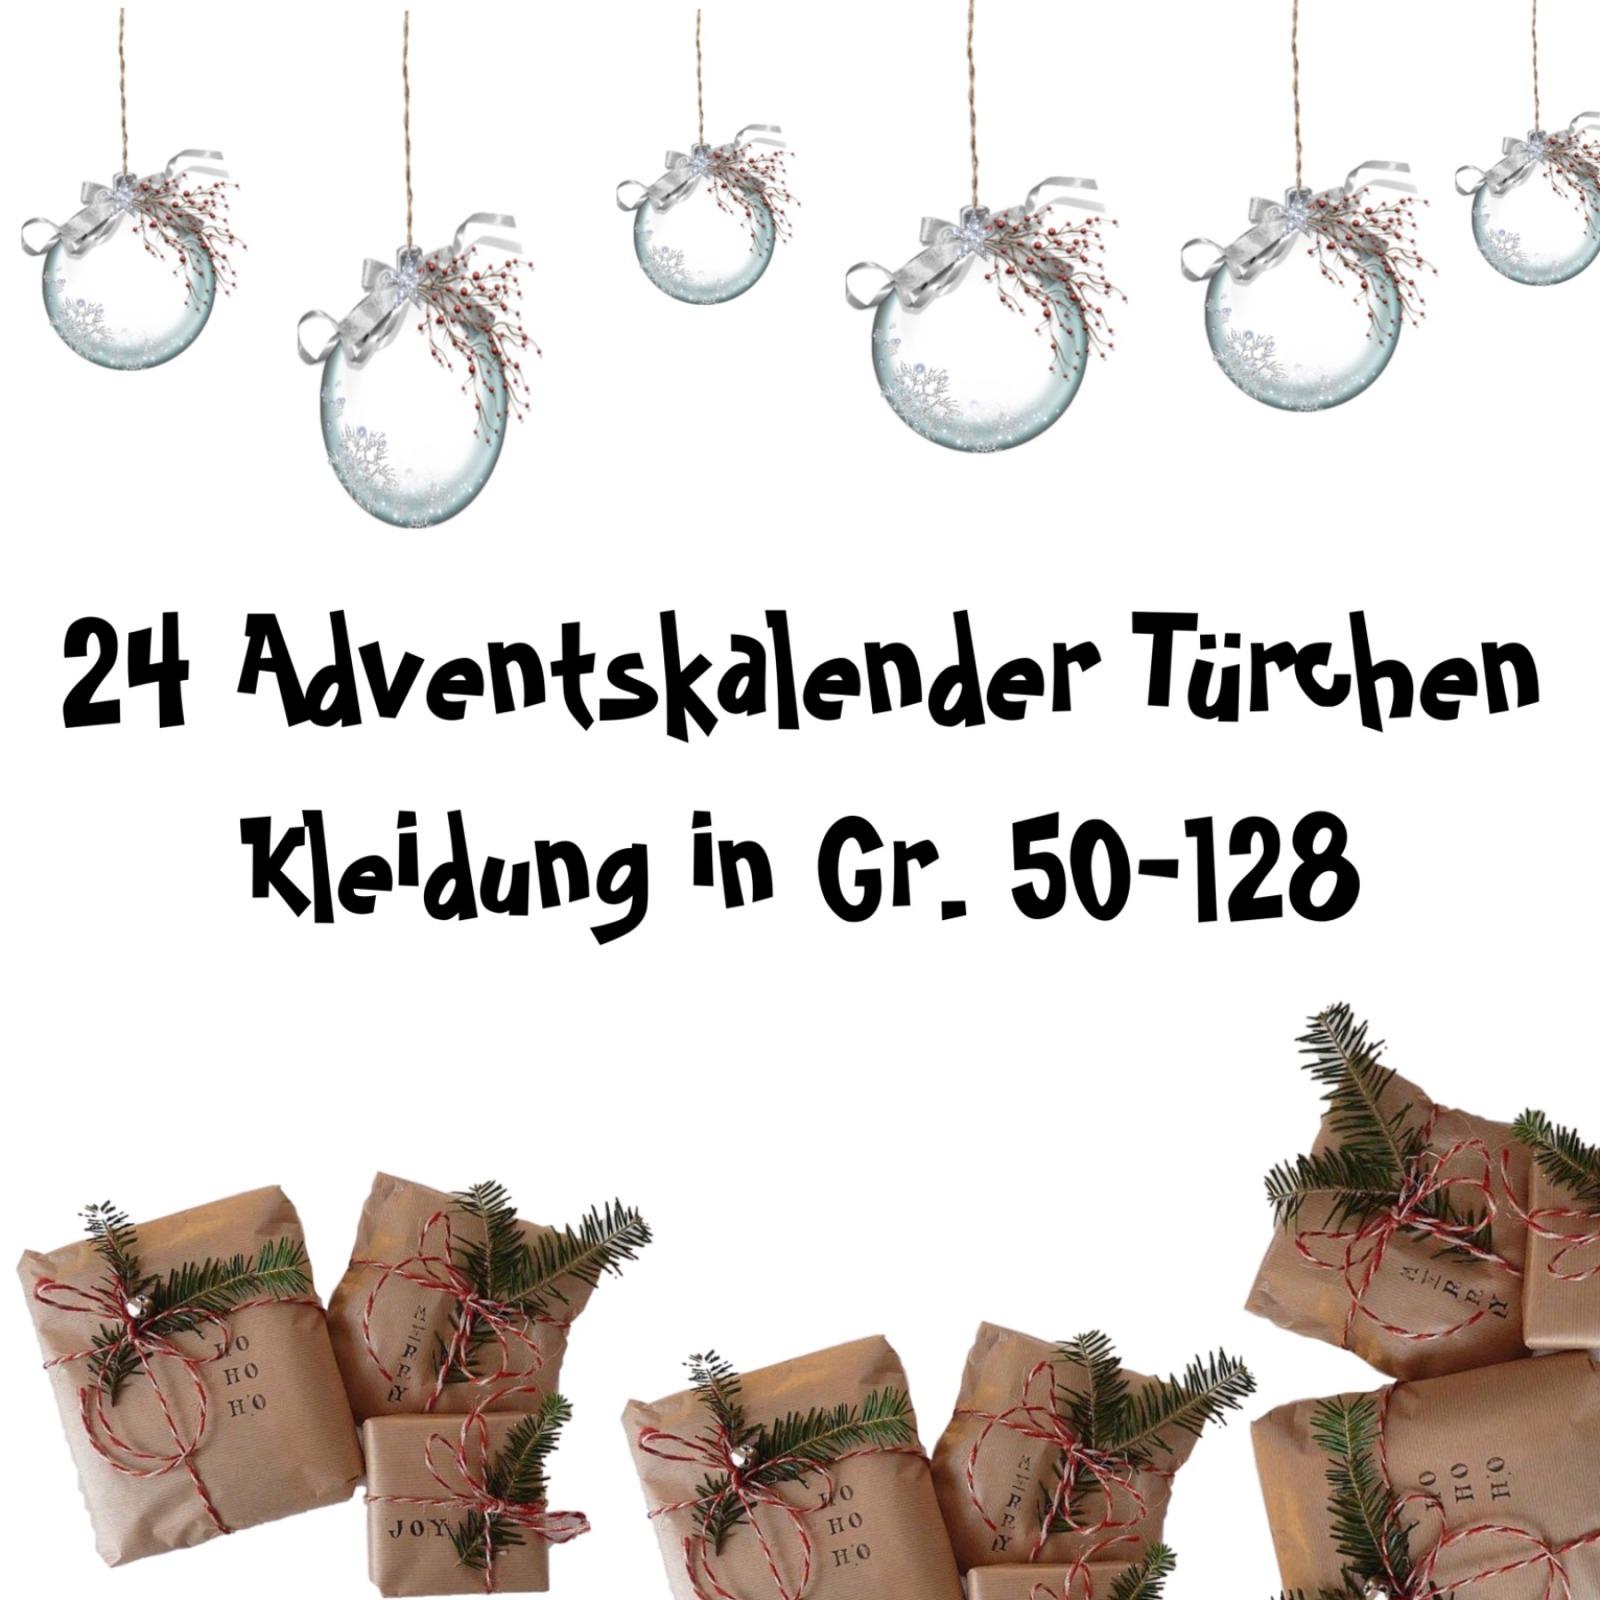 ein Türchen in unserem Kidfittery Adventskalender